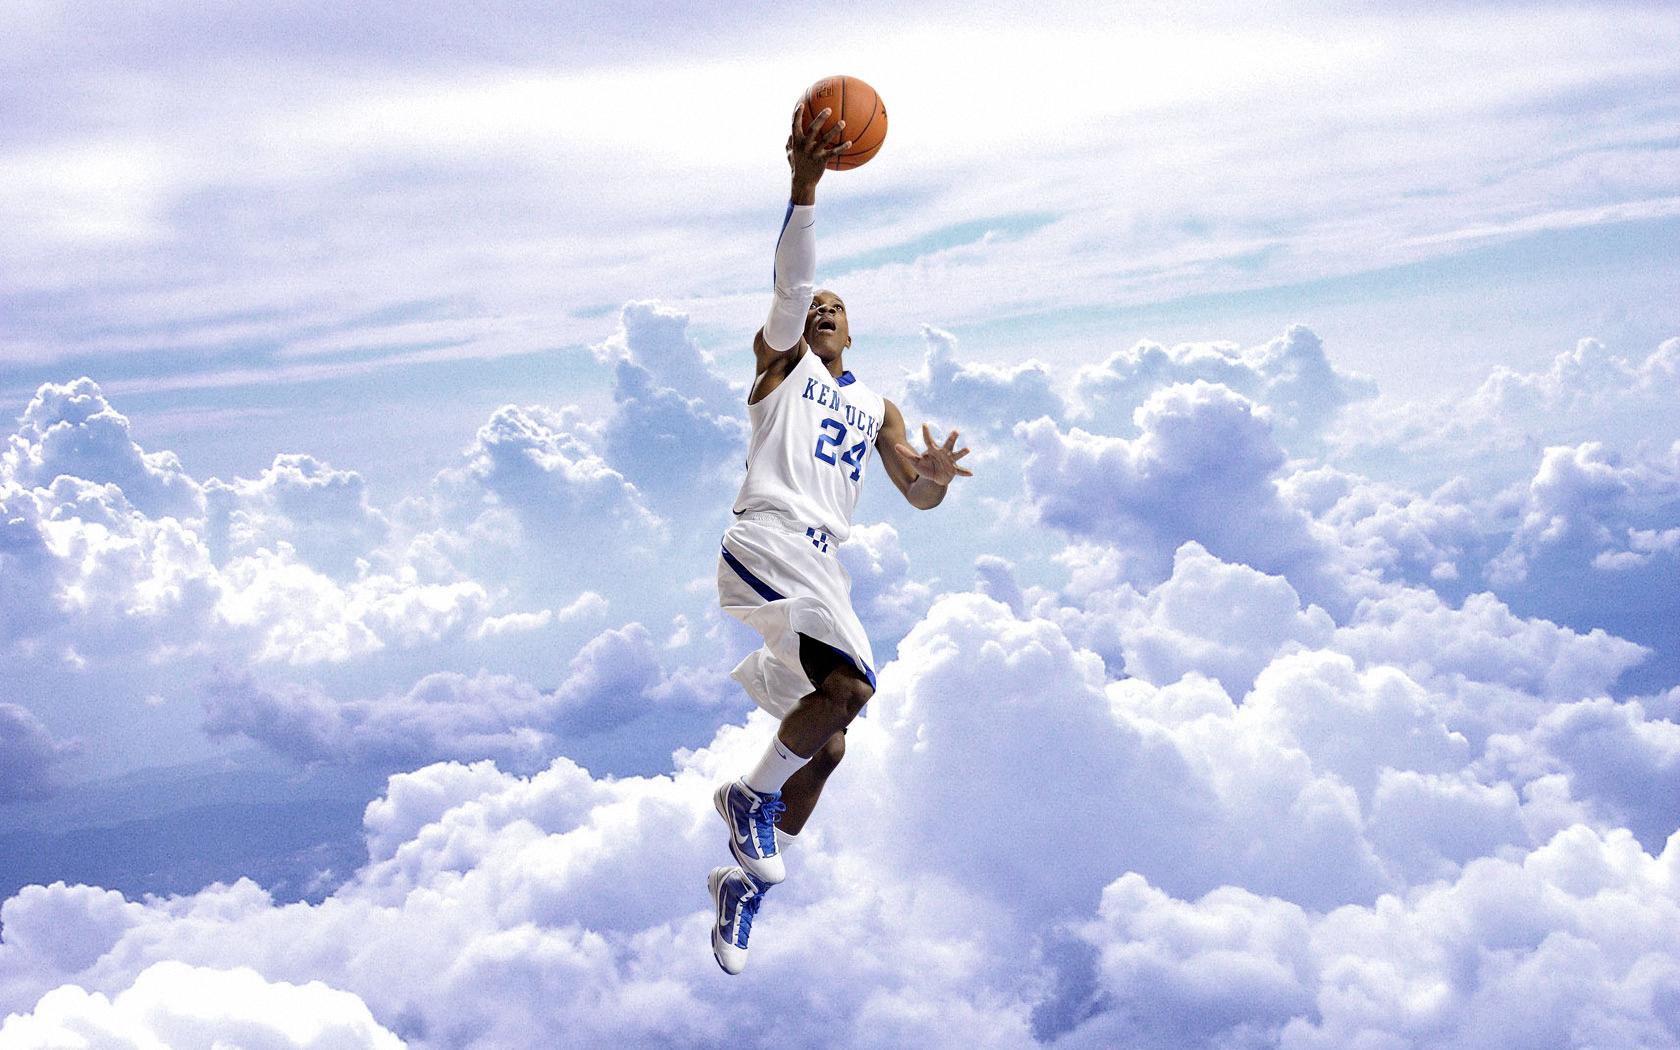 остеохондроза шейного красивые картинки баскетбол смесь наивысшего